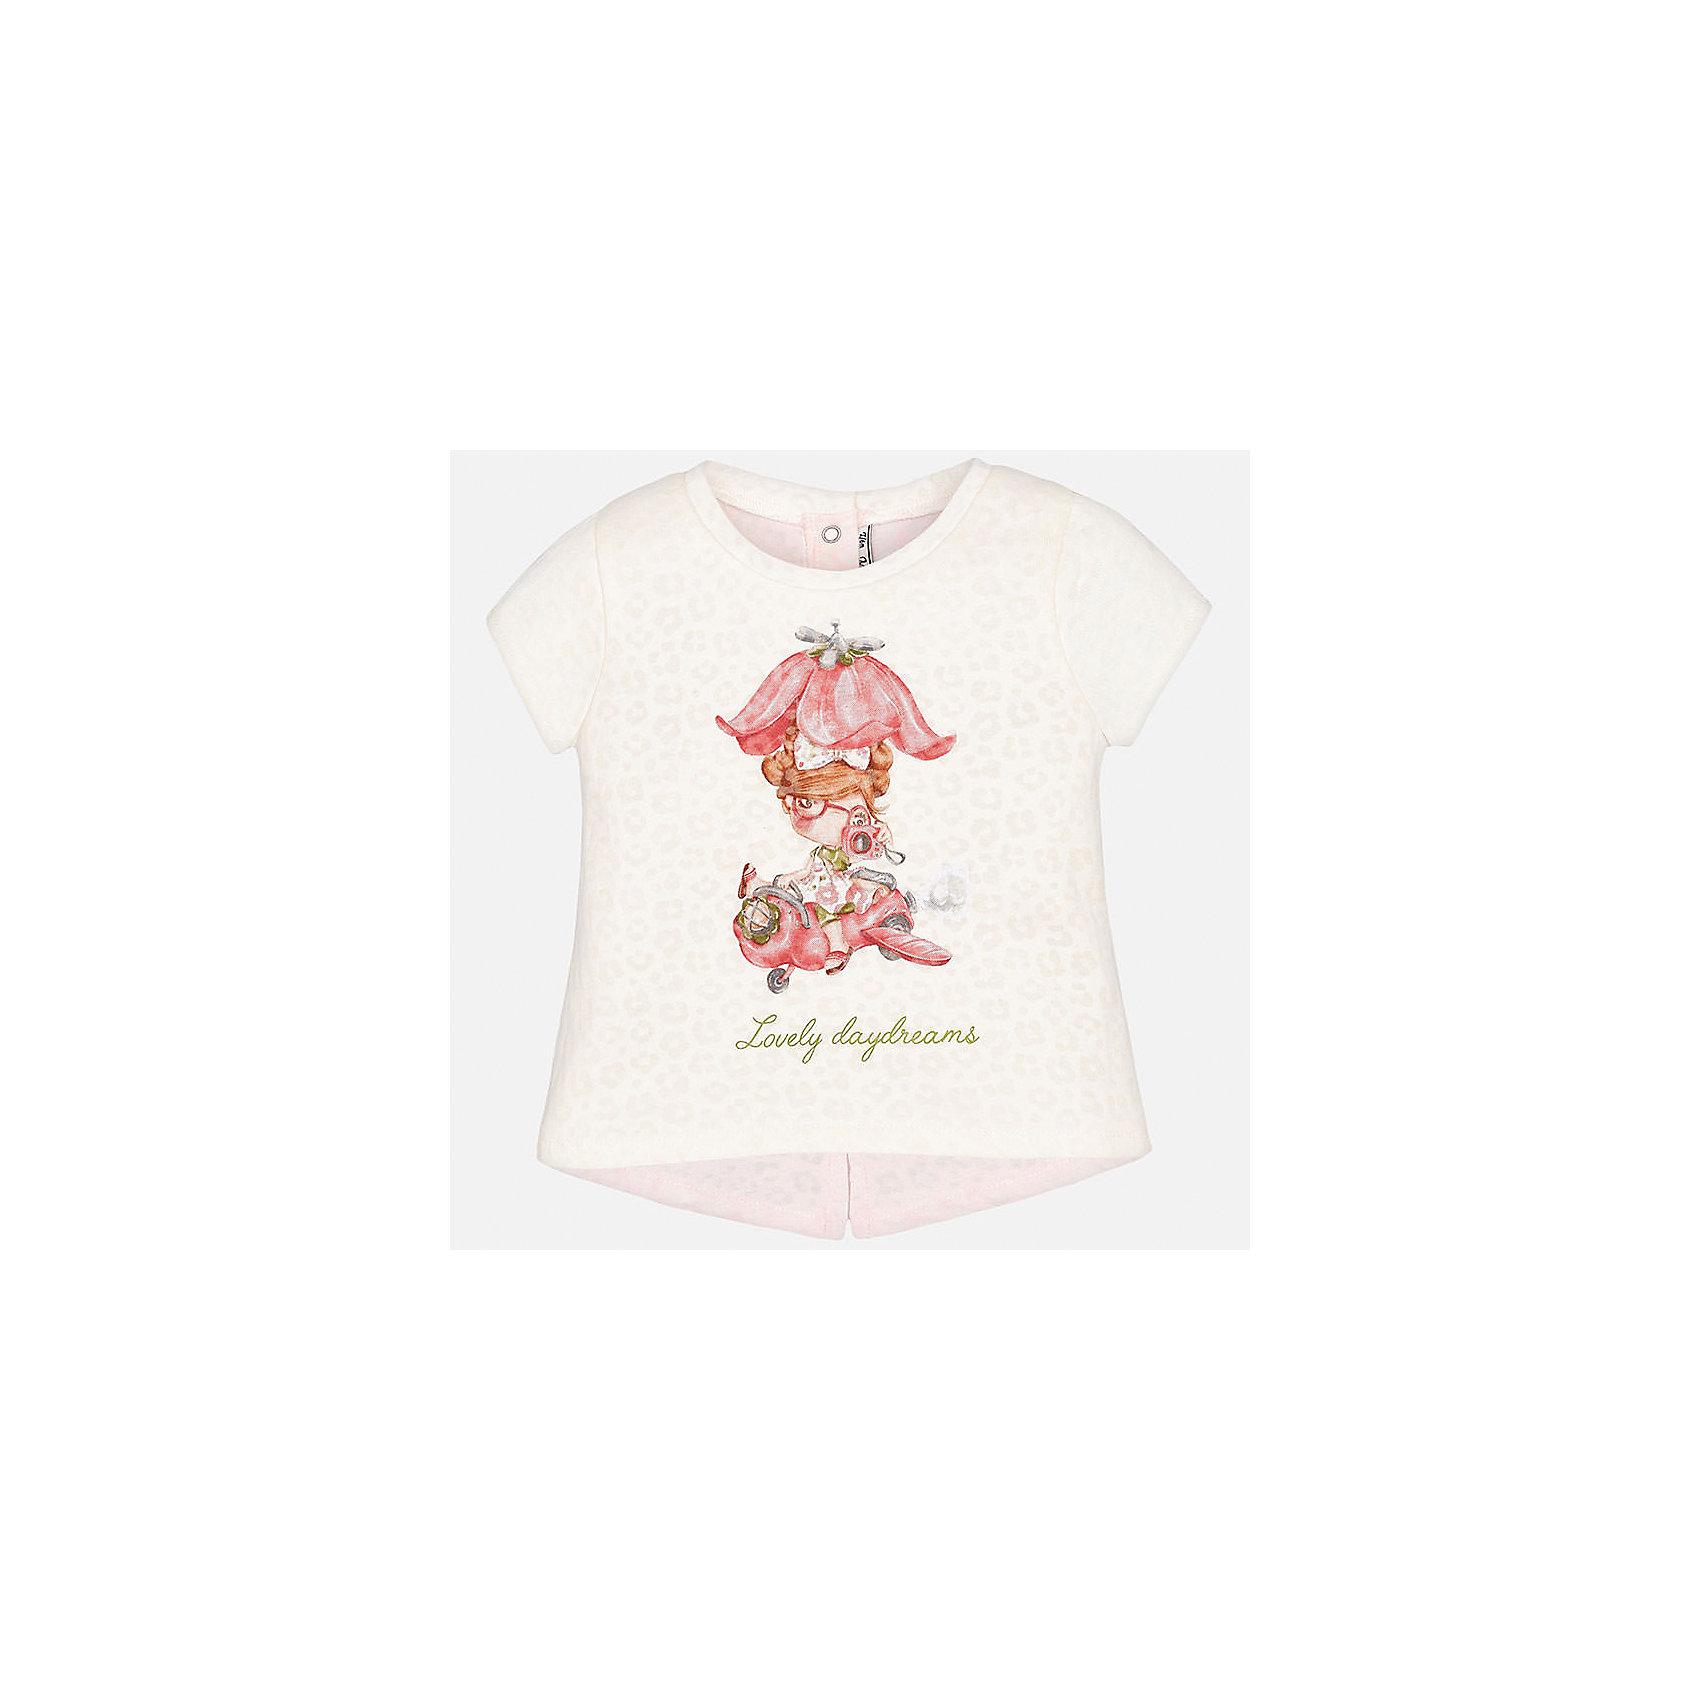 Футболка для девочки MayoralХарактеристики товара:<br><br>• цвет: белый/розовый<br>• состав: 50% хлопок, 50% полиэстер, подкладка - 100% хлопок<br>• принт<br>• кнопки сзади<br>• короткие рукава<br>• удлиненная спинка<br>• страна бренда: Испания<br><br>Стильная качественная футболка для девочки поможет разнообразить гардероб ребенка и украсить наряд. Она отлично сочетается и с юбками, и с шортами, и с брюками. Универсальный цвет позволяет подобрать к вещи низ практически любой расцветки. Интересная отделка модели делает её нарядной и оригинальной. В составе ткани преобладает натуральный хлопок, гипоаллергенный, приятный на ощупь, дышащий.<br><br>Одежда, обувь и аксессуары от испанского бренда Mayoral полюбились детям и взрослым по всему миру. Модели этой марки - стильные и удобные. Для их производства используются только безопасные, качественные материалы и фурнитура. Порадуйте ребенка модными и красивыми вещами от Mayoral! <br><br>Футболку для девочки от испанского бренда Mayoral (Майорал) можно купить в нашем интернет-магазине.<br><br>Ширина мм: 199<br>Глубина мм: 10<br>Высота мм: 161<br>Вес г: 151<br>Цвет: бежевый<br>Возраст от месяцев: 18<br>Возраст до месяцев: 24<br>Пол: Женский<br>Возраст: Детский<br>Размер: 92,74,80,86<br>SKU: 5288806